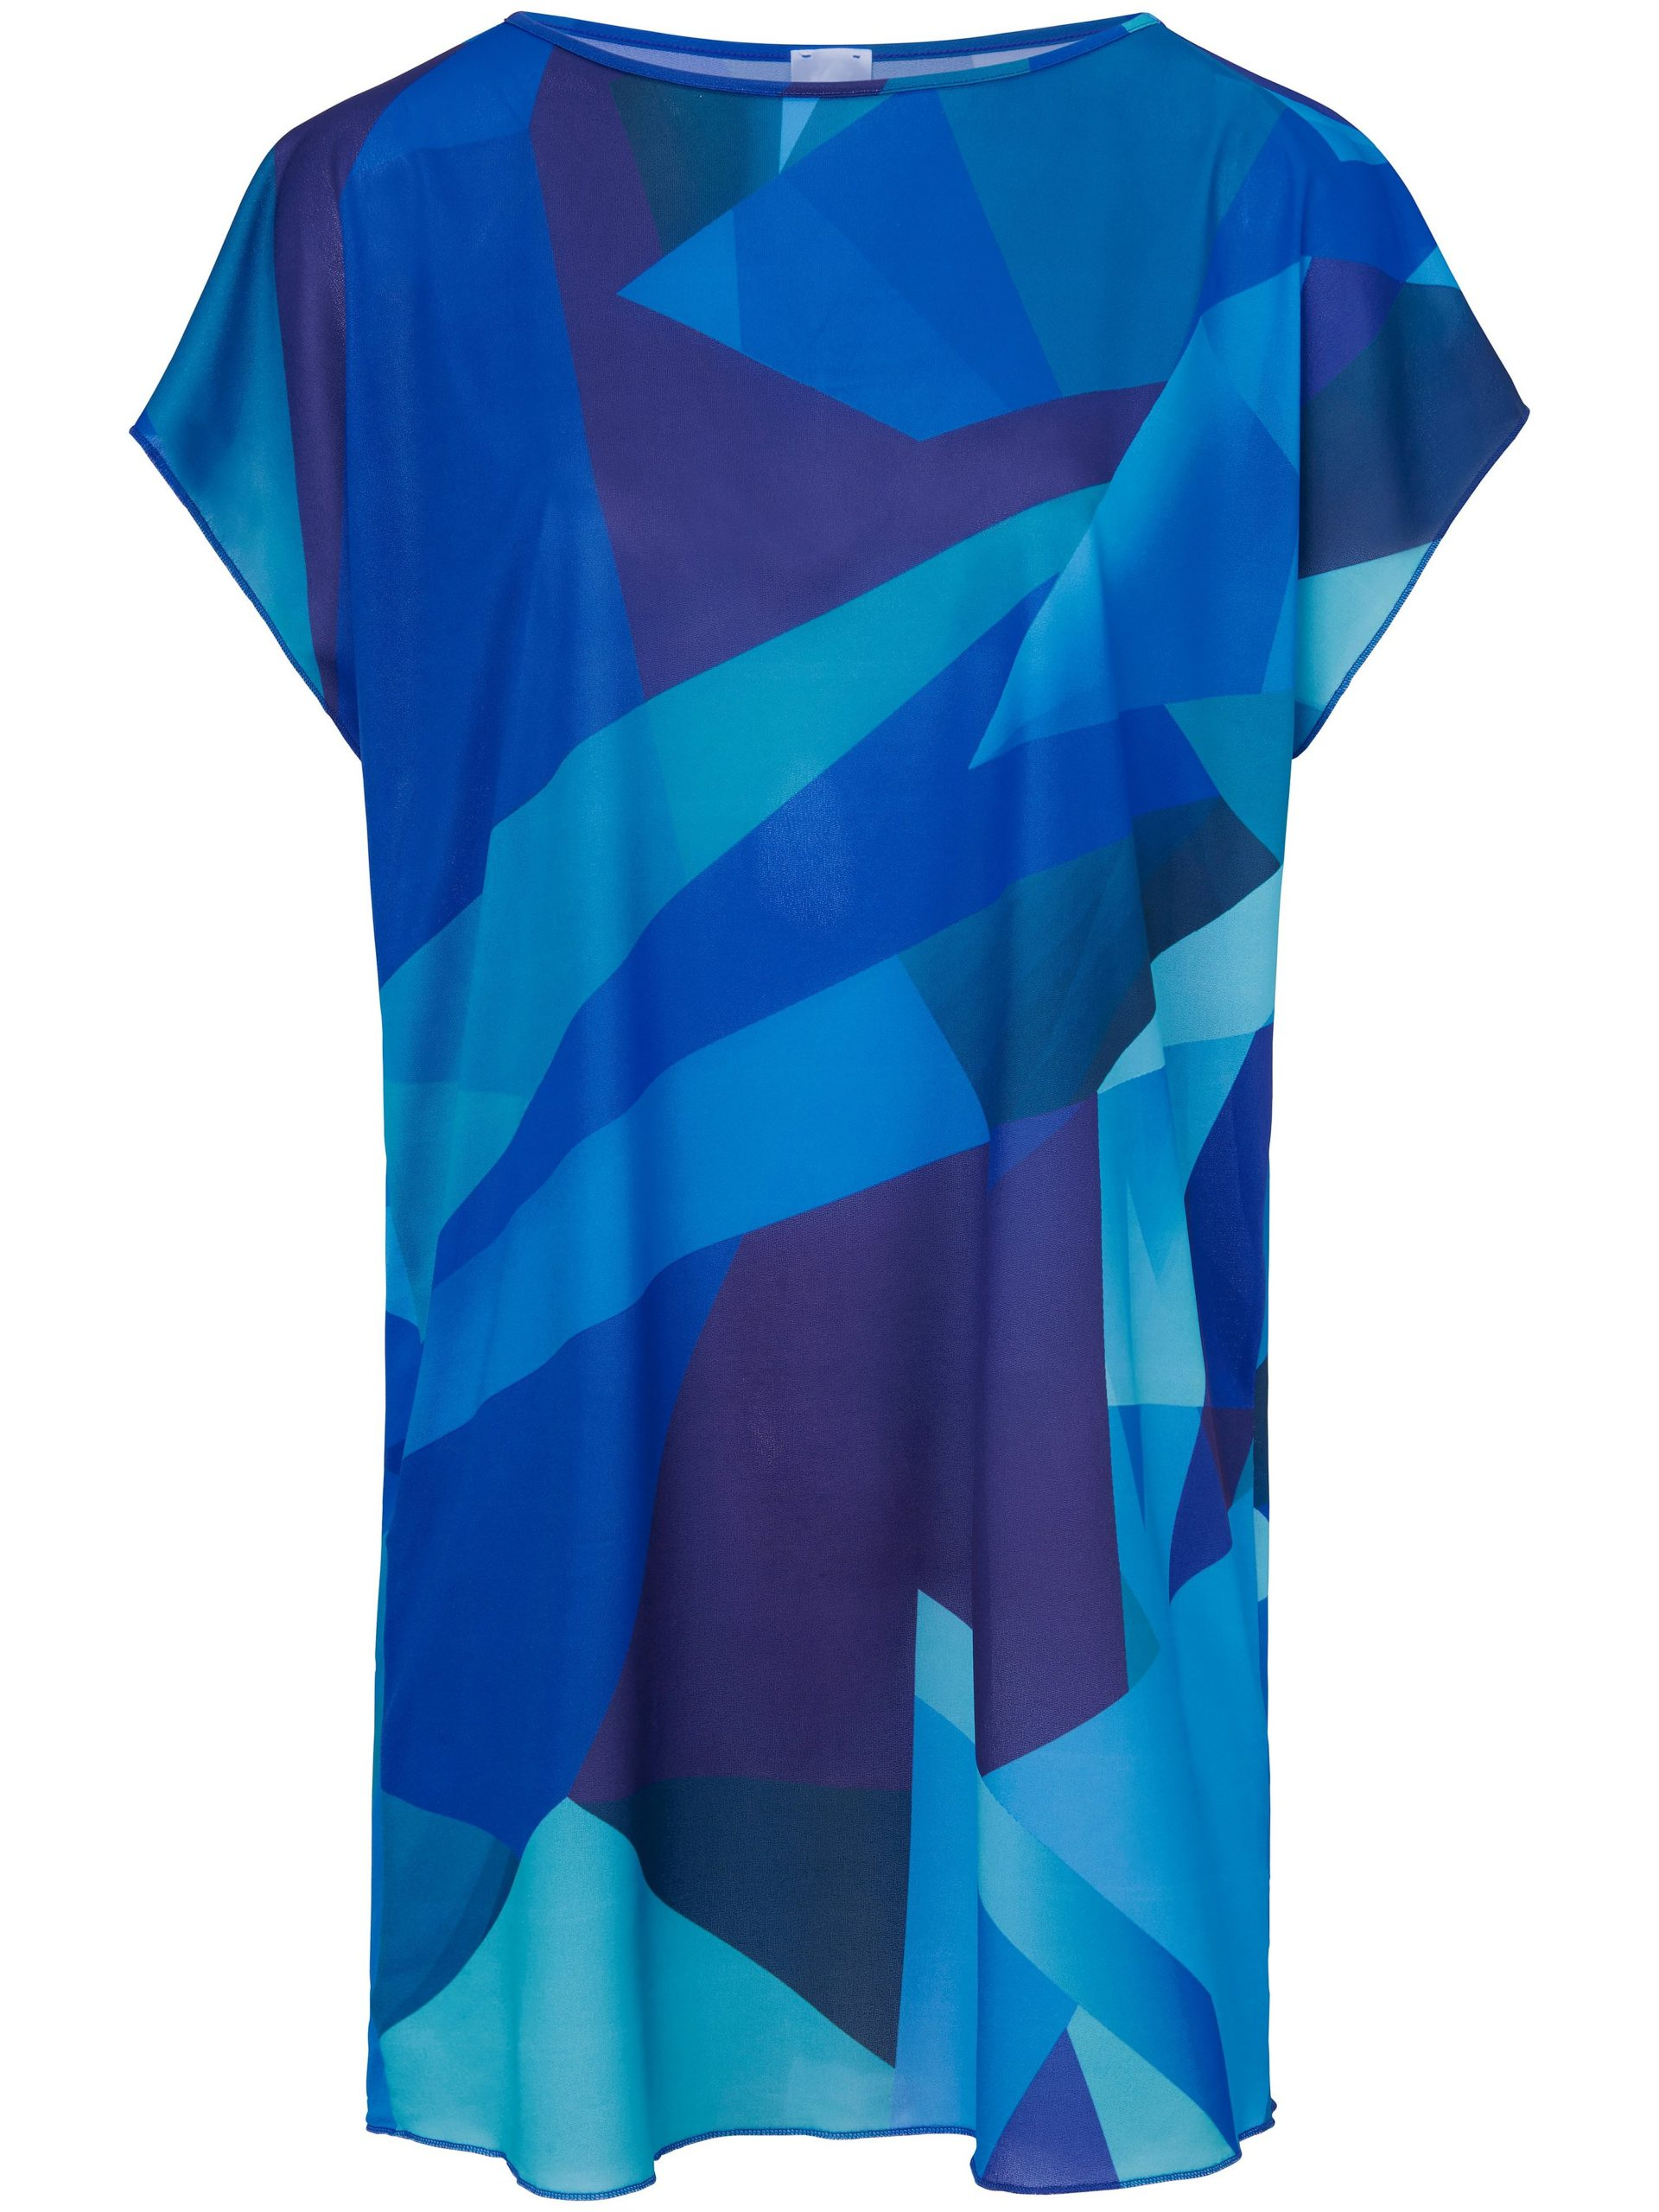 Jurk met grafische print Van Sunflair blauw Kopen